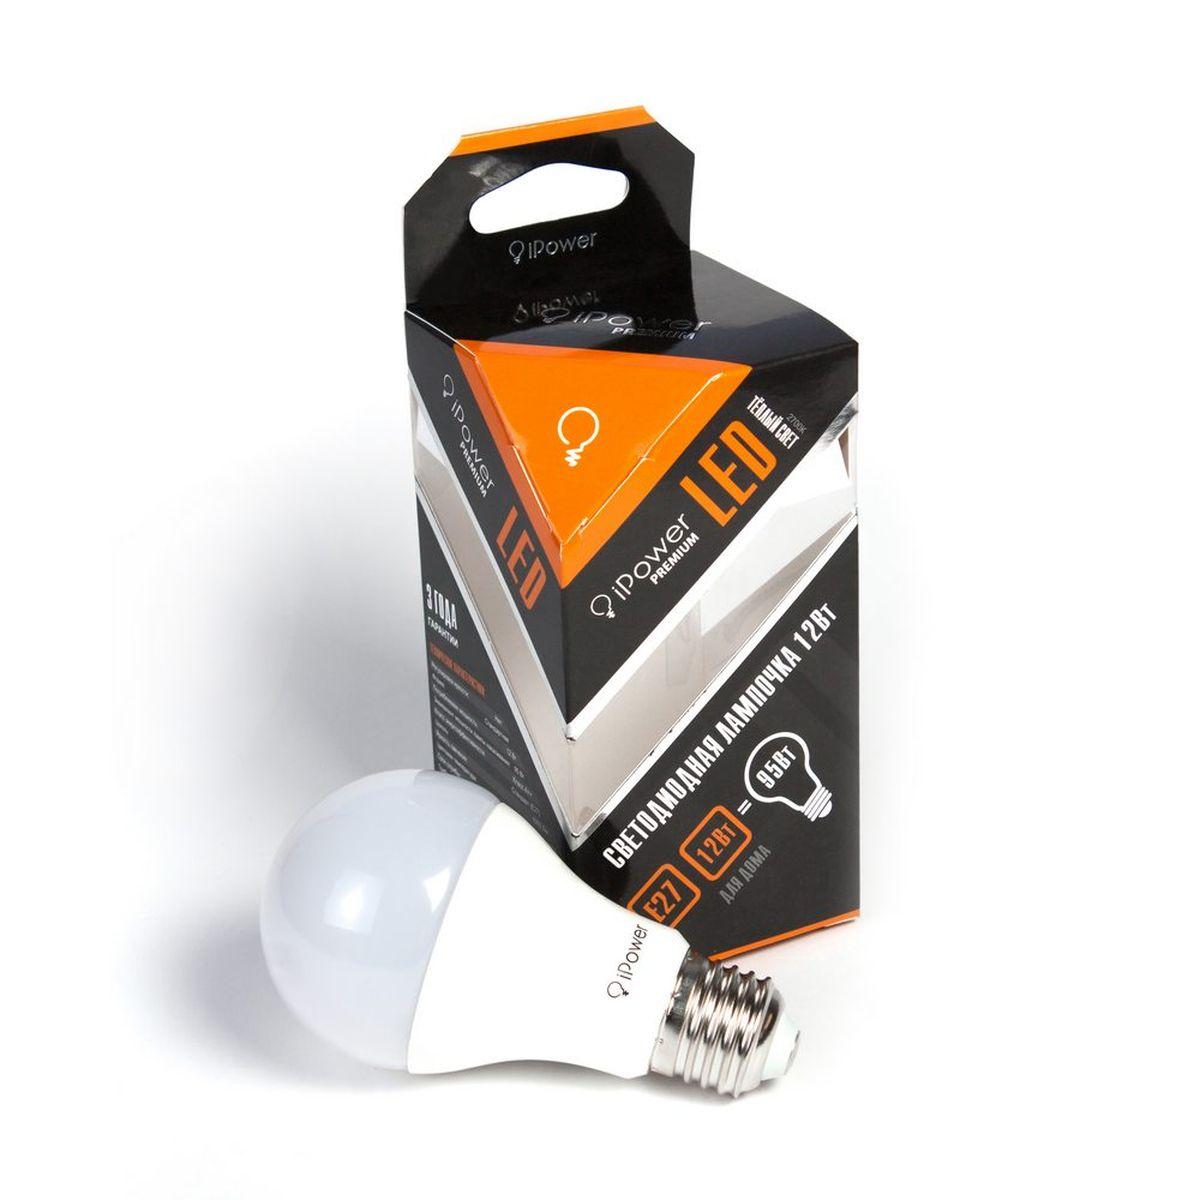 Лампа светодиодная iPower Premium, цоколь Е27, 12W, 2700К1001966Светодиодная лампа iPower Premium имеет очень низкое энергопотребление. В сравнении с лампами накаливания LED потребляет в 12 разменьше электричества, а в сравнении с энергосберегающими - в 2-4 раза меньше. При этом срок службы LED лампочки в 5 раз выше, чемэнергосберегающей, и в 50 раз выше, чем у лампы накаливания. Светодиодная лампа iPower Premium создает мягкий рассеивающий свет безмерцаний, что совершенно безопасно для глаз. Она специально разработана по требованиям российских и европейских законов и подходит ковсем осветительным устройствам, совместимым со стандартным цоколем E27. Использование светодиодов от мирового лидера Epistar - этозалог надежной и стабильной работы лампы. Теплый оттенок света лампы по световой температуре соответствует обычной лампе накаливания ипозволит создать уют в доме и местах отдыха.Диапазон рабочих температур от -50°С до +50 °СМатериал: алюминий, поликарбонат.Потребляемая мощность: 12 Вт.Рабочее напряжение: 220В.Световая температура: 2700К (теплый свет).Срок службы: 50000 часов.Форма: стандарт.Цоколь: стандарт (E27).Эквивалент мощности лампы накаливания: 95 Вт.Яркость свечения: 1055 Лм.